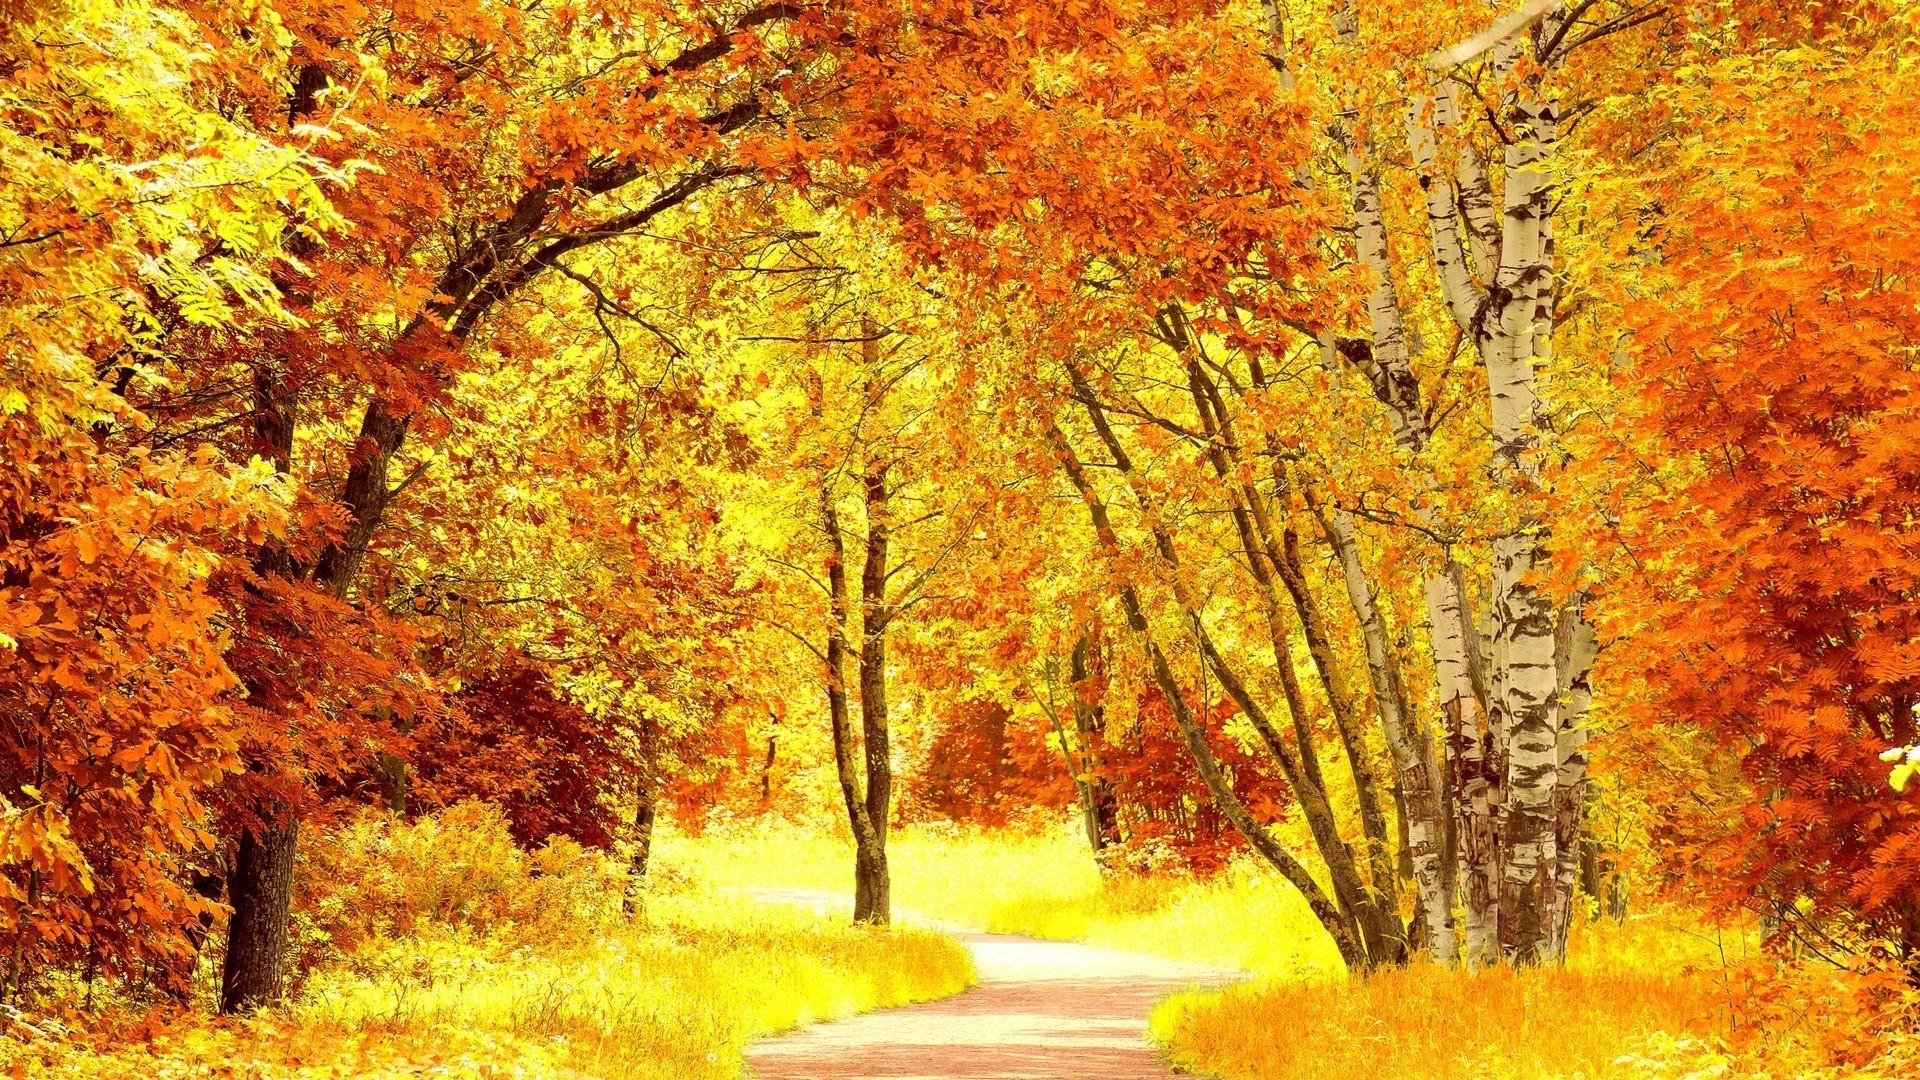 Осень обои на рабочий стол осень золотая на весь экран